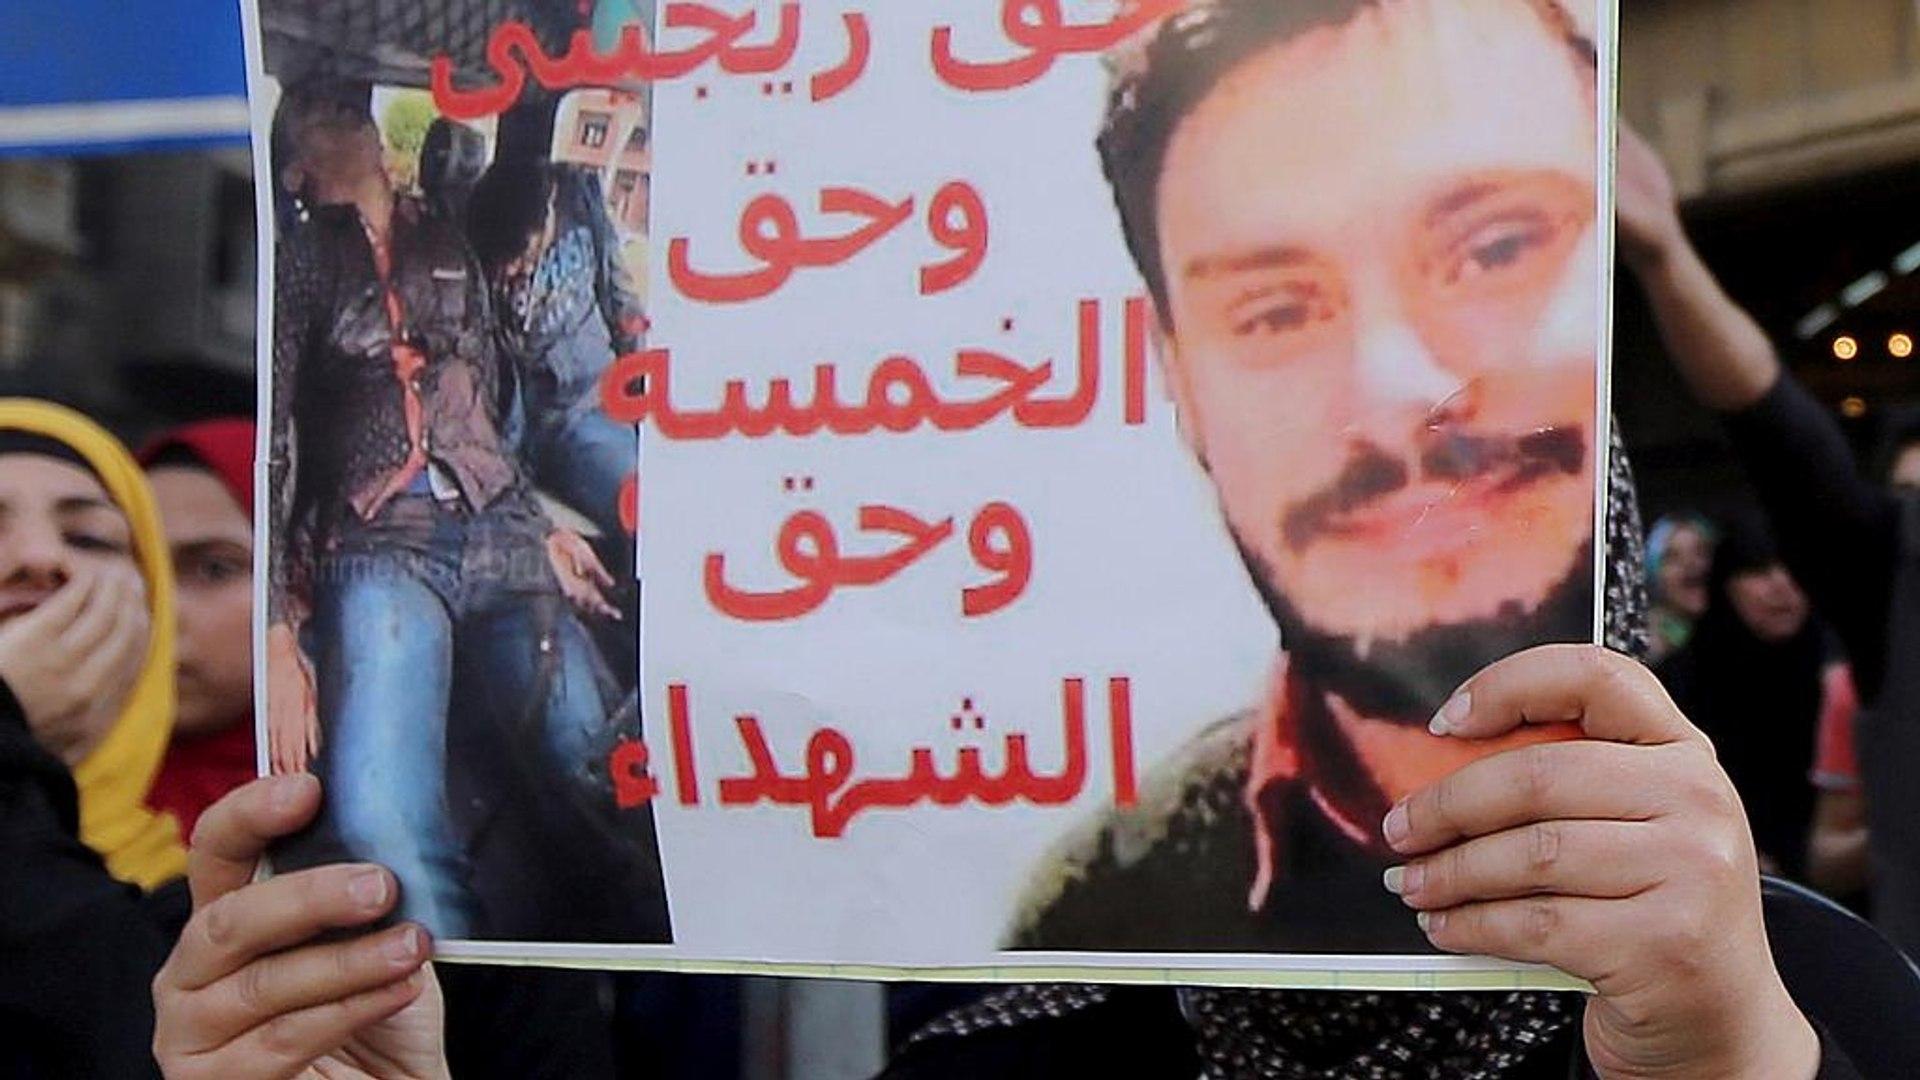 Зверски убитого в Египте итальянского студента сдал полиции